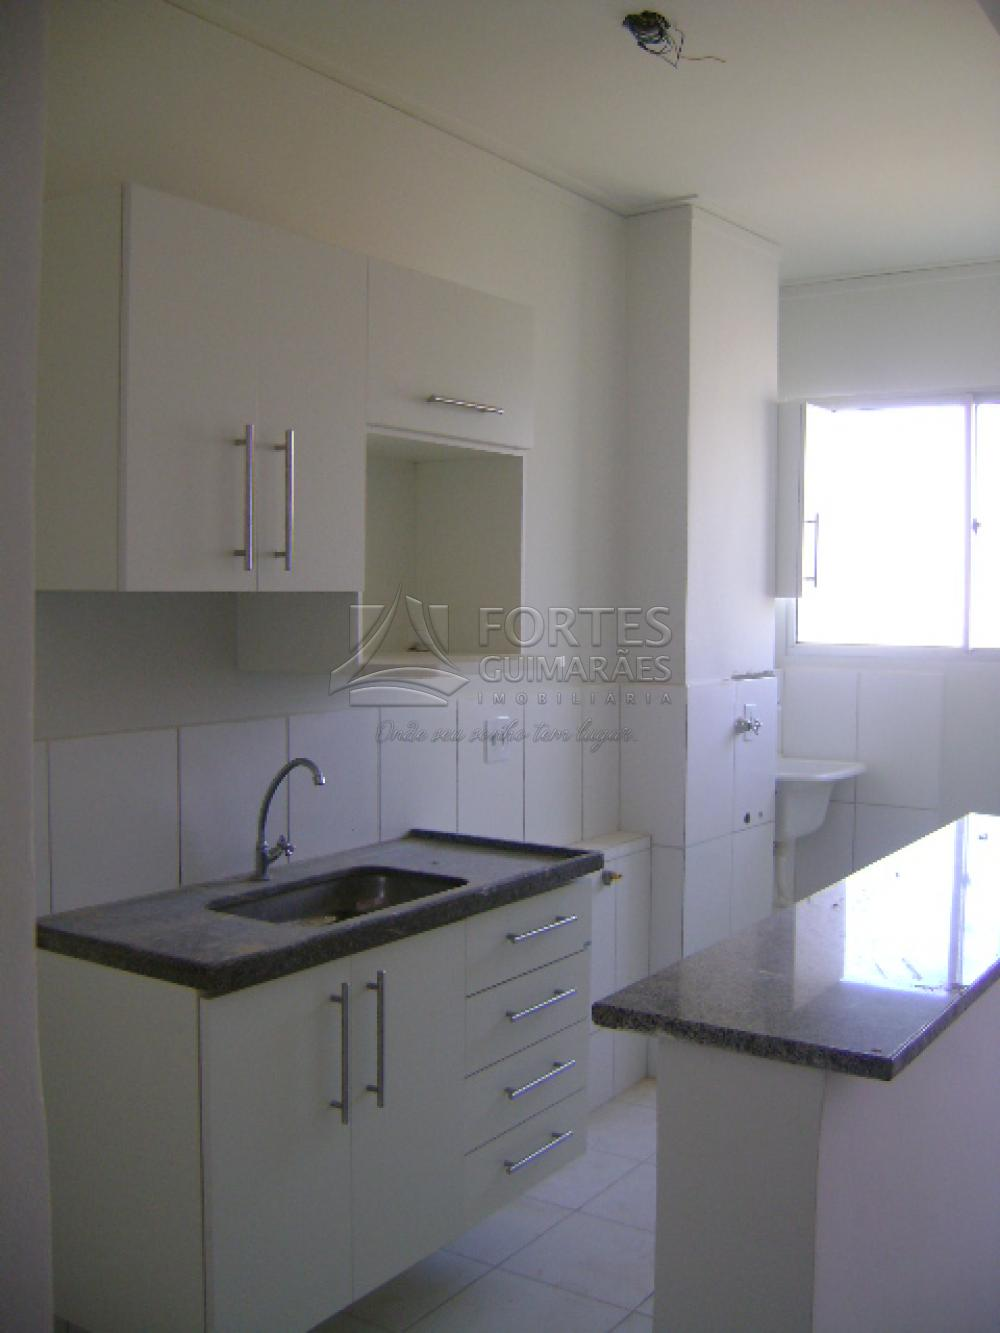 Alugar Apartamentos / Cobertura em Ribeirão Preto apenas R$ 1.500,00 - Foto 2